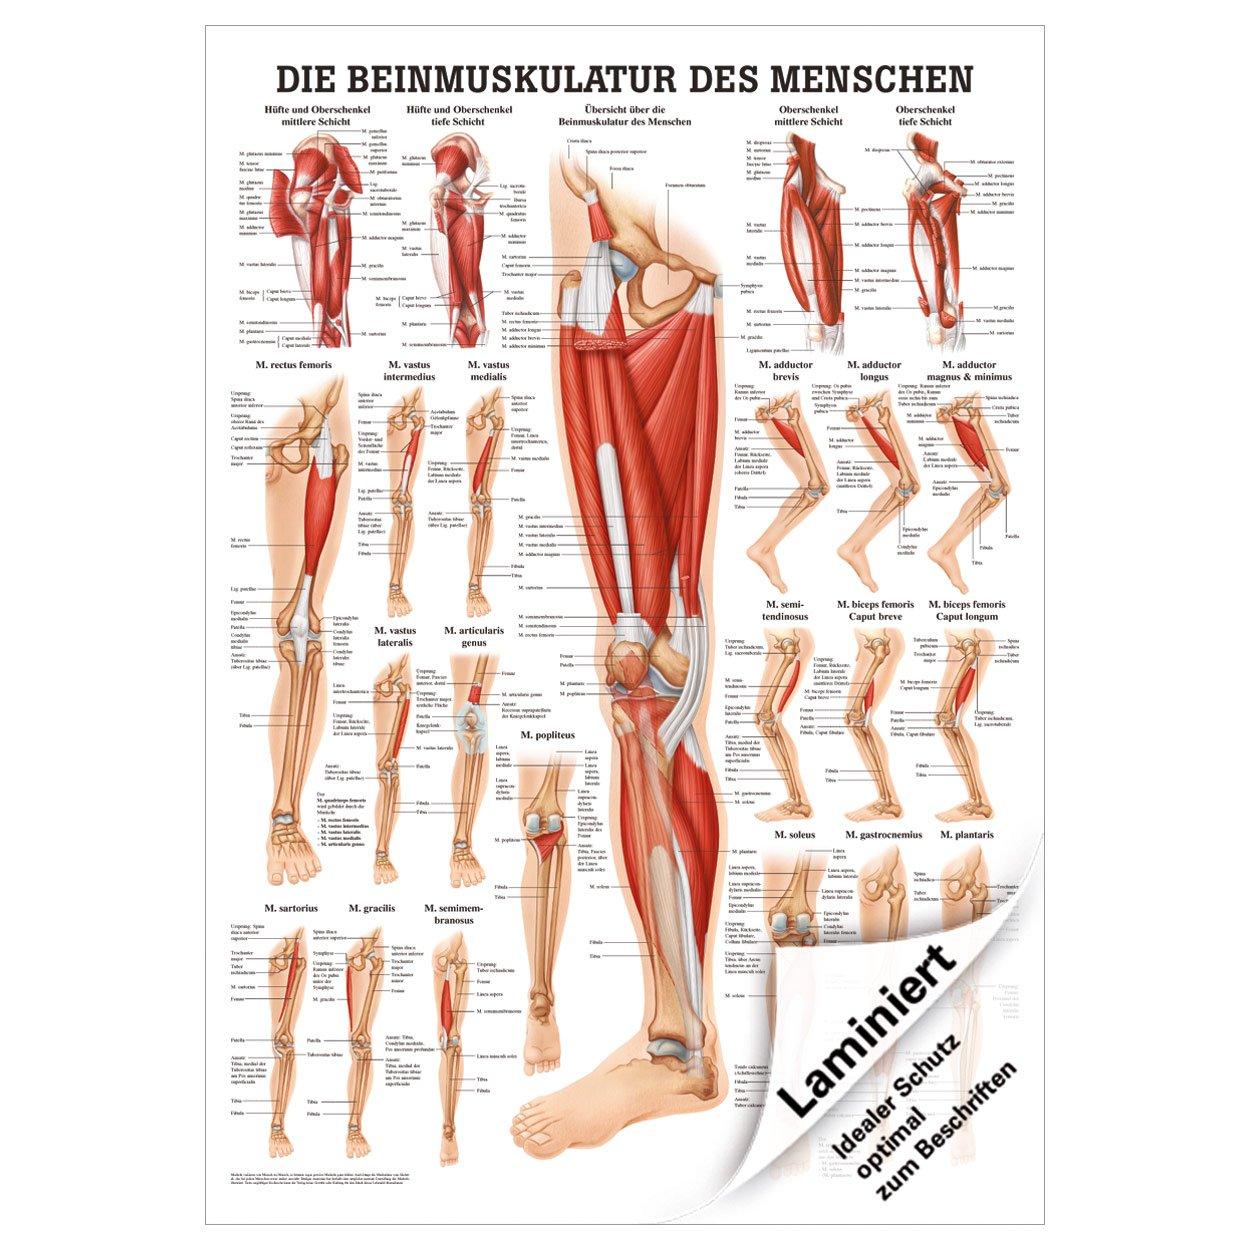 Ungewöhnlich Anatomie Lernmittel Zeitgenössisch - Menschliche ...